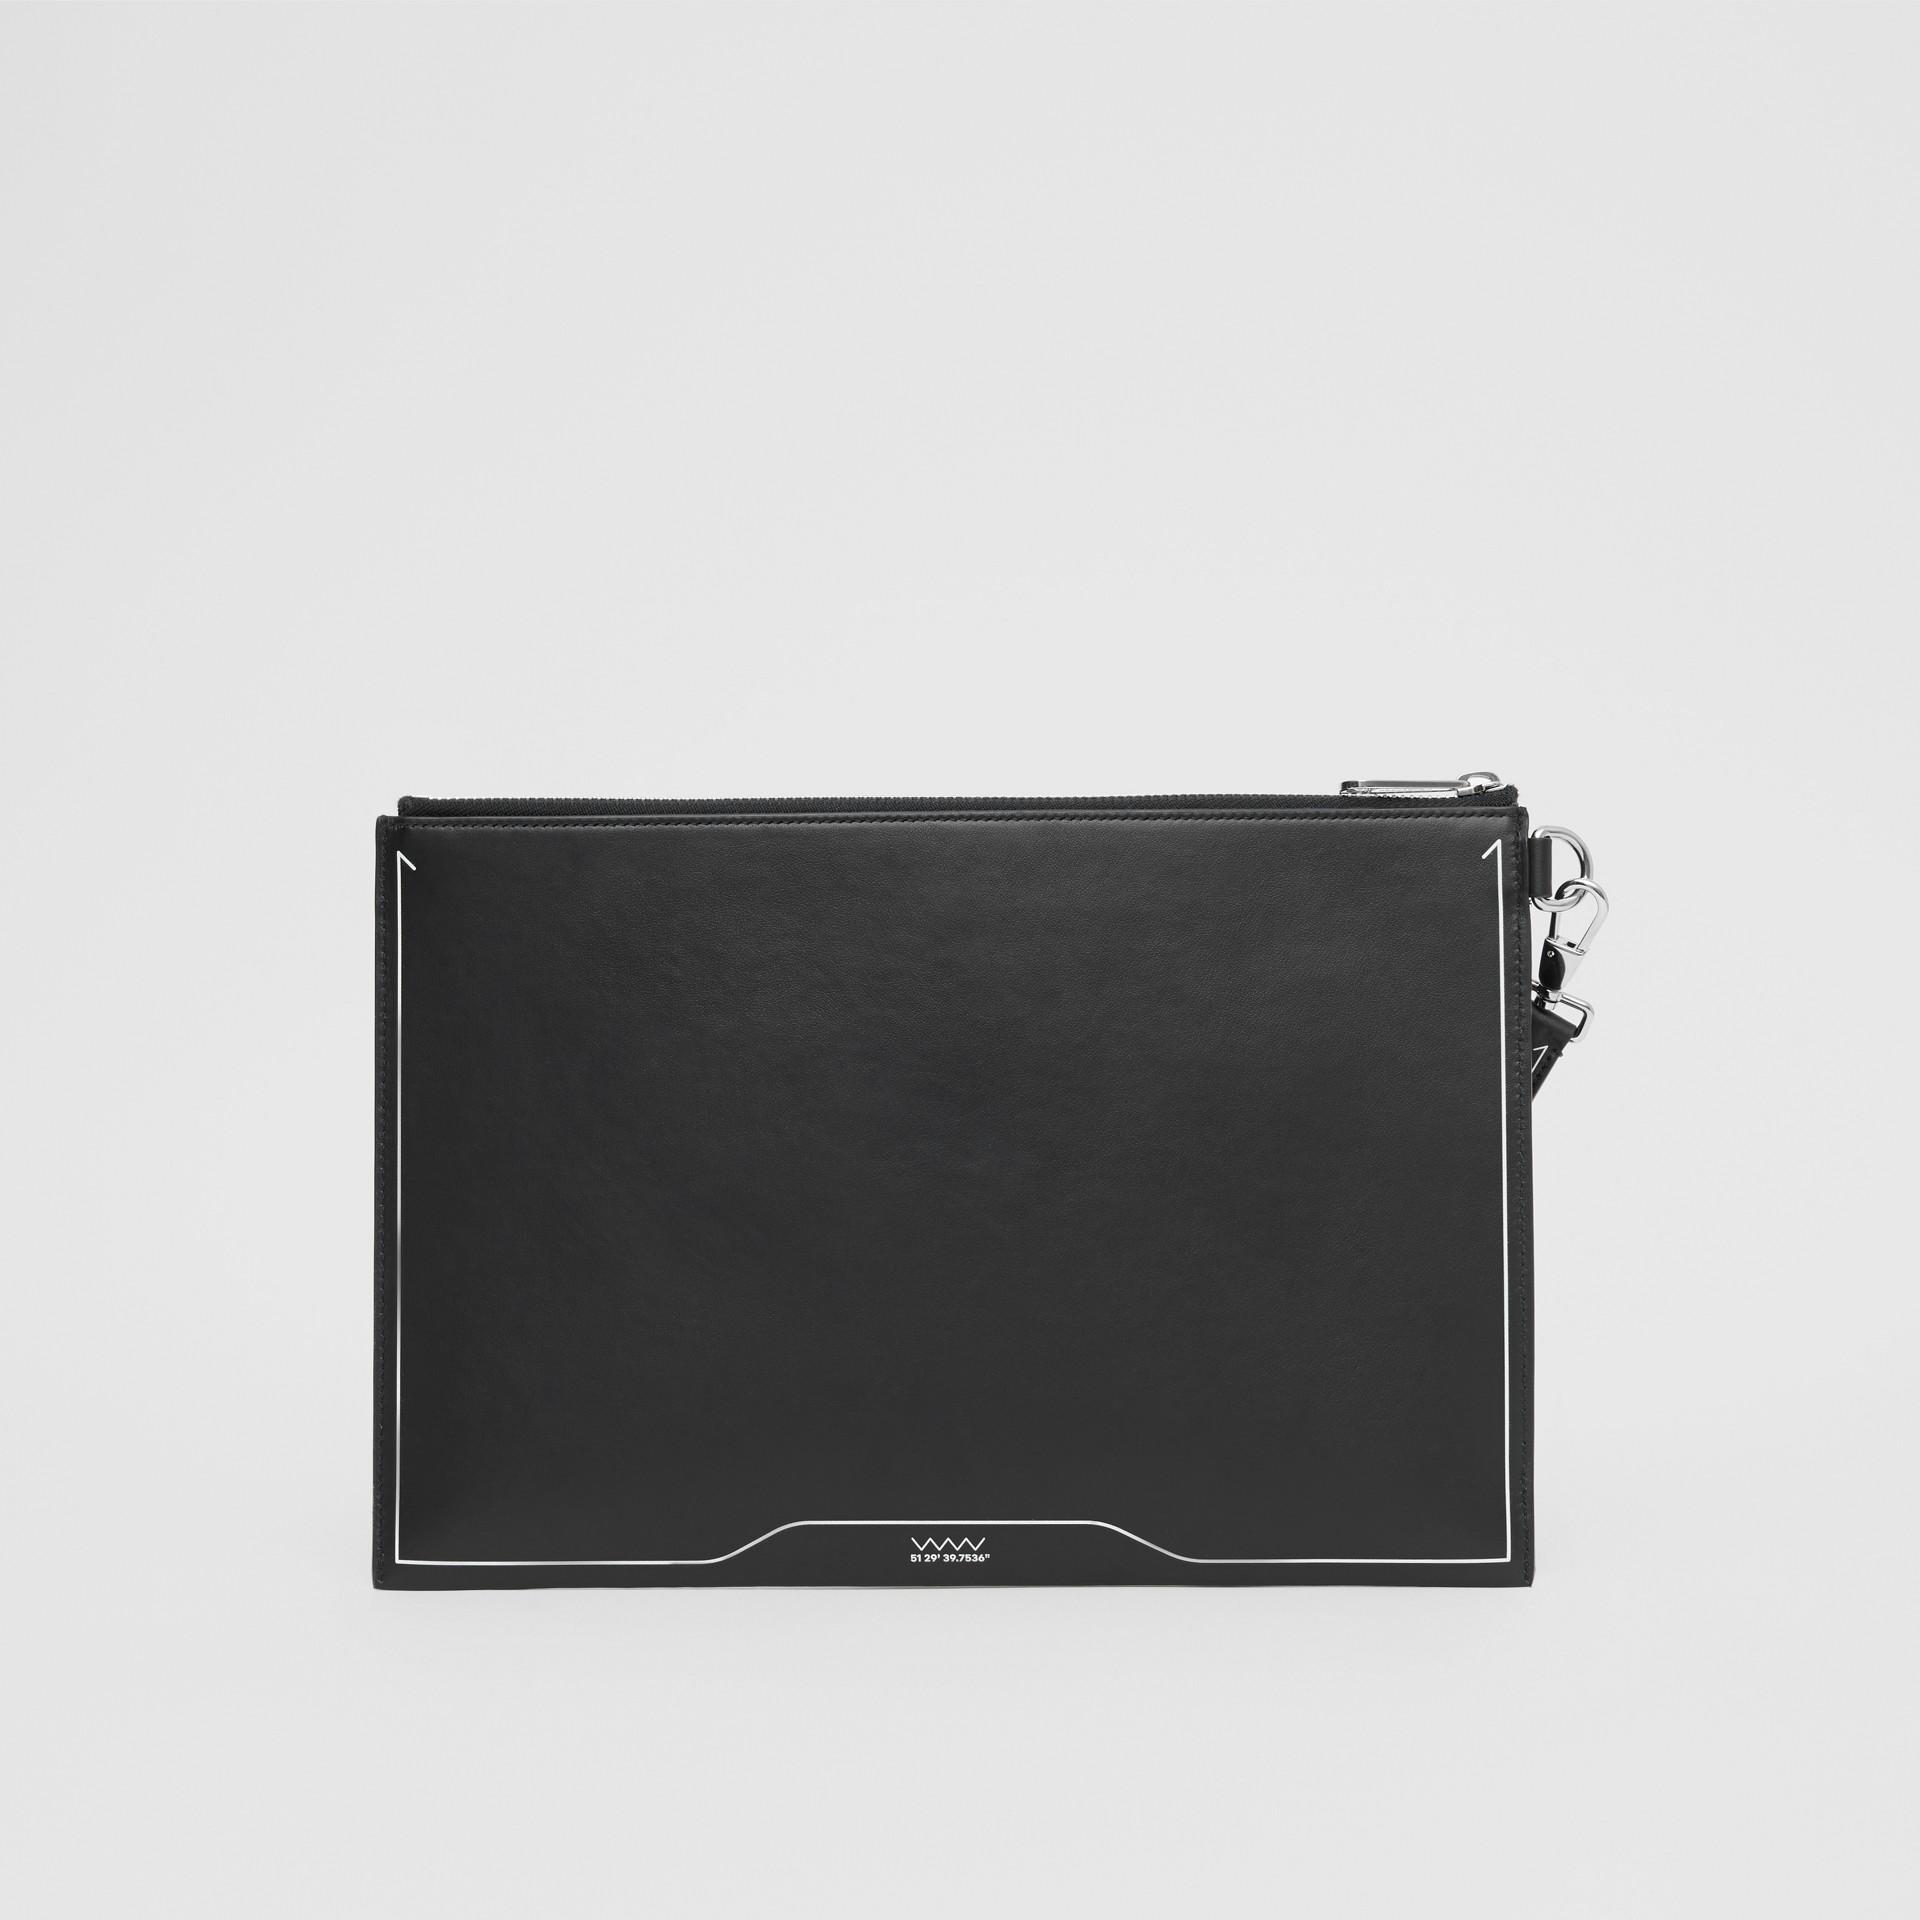 シンボルプリント レザー ジップポーチ (ブラック) | バーバリー - ギャラリーイメージ 5